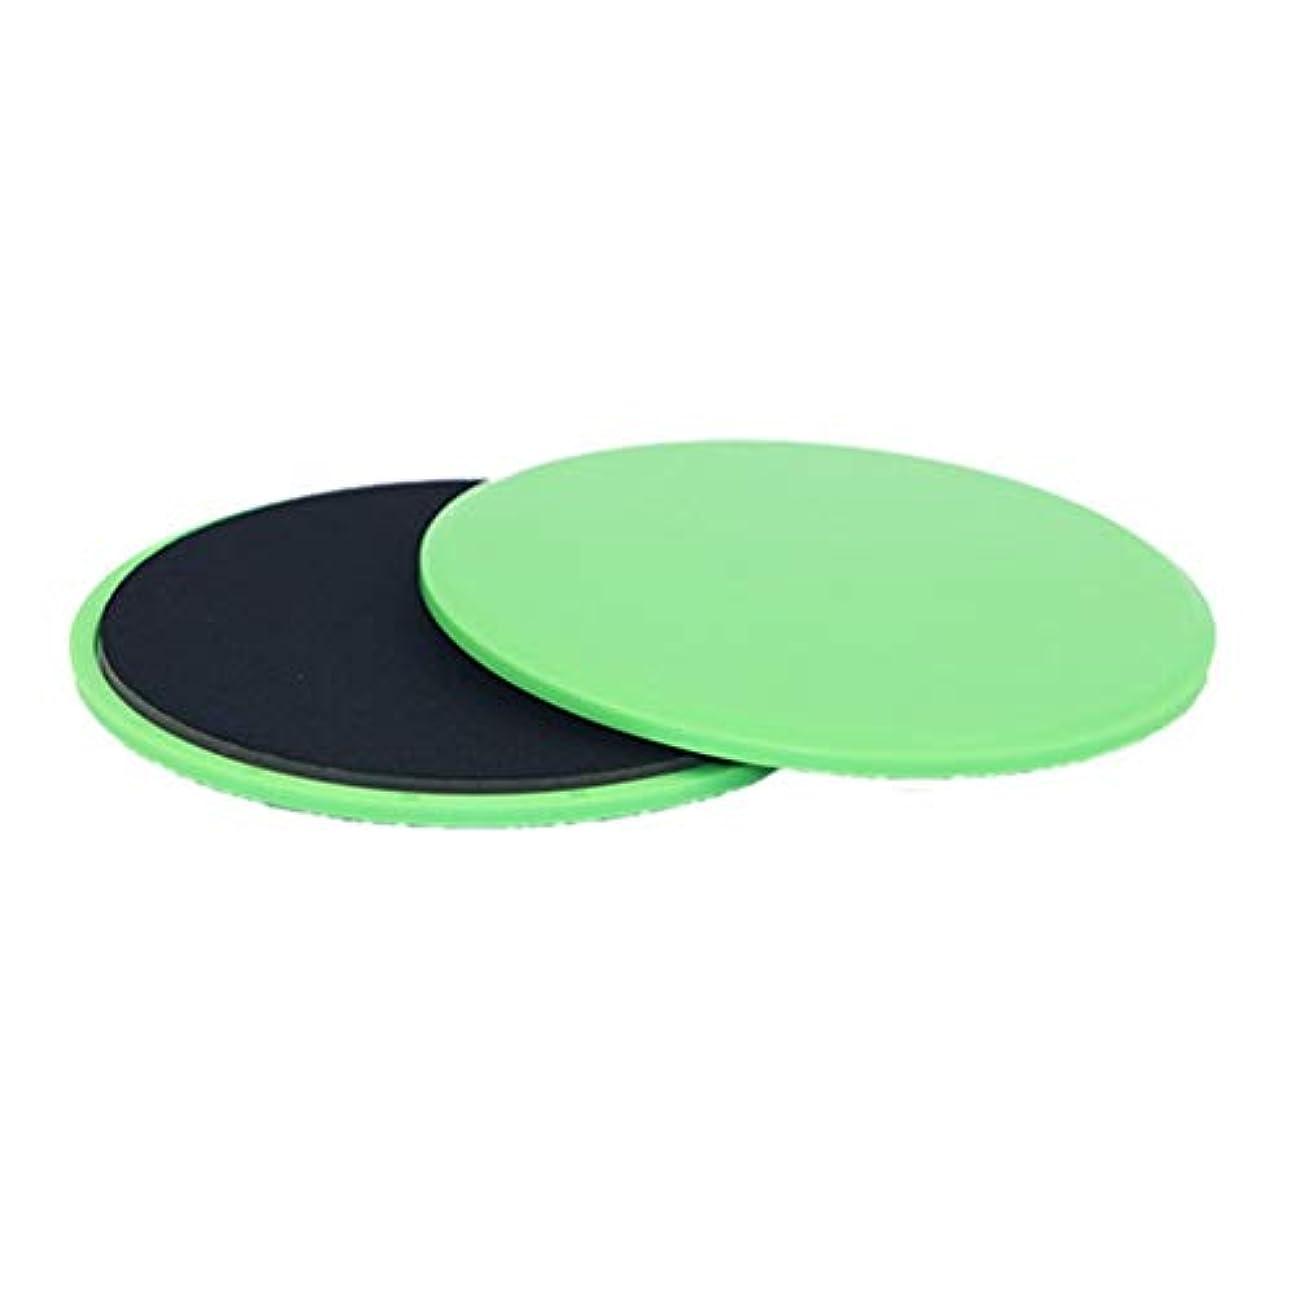 懐疑論ショート霧フィットネススライドグライディングディスクコーディネーション能力フィットネスエクササイズスライダーコアトレーニング用腹部と全身トレーニング - グリーン